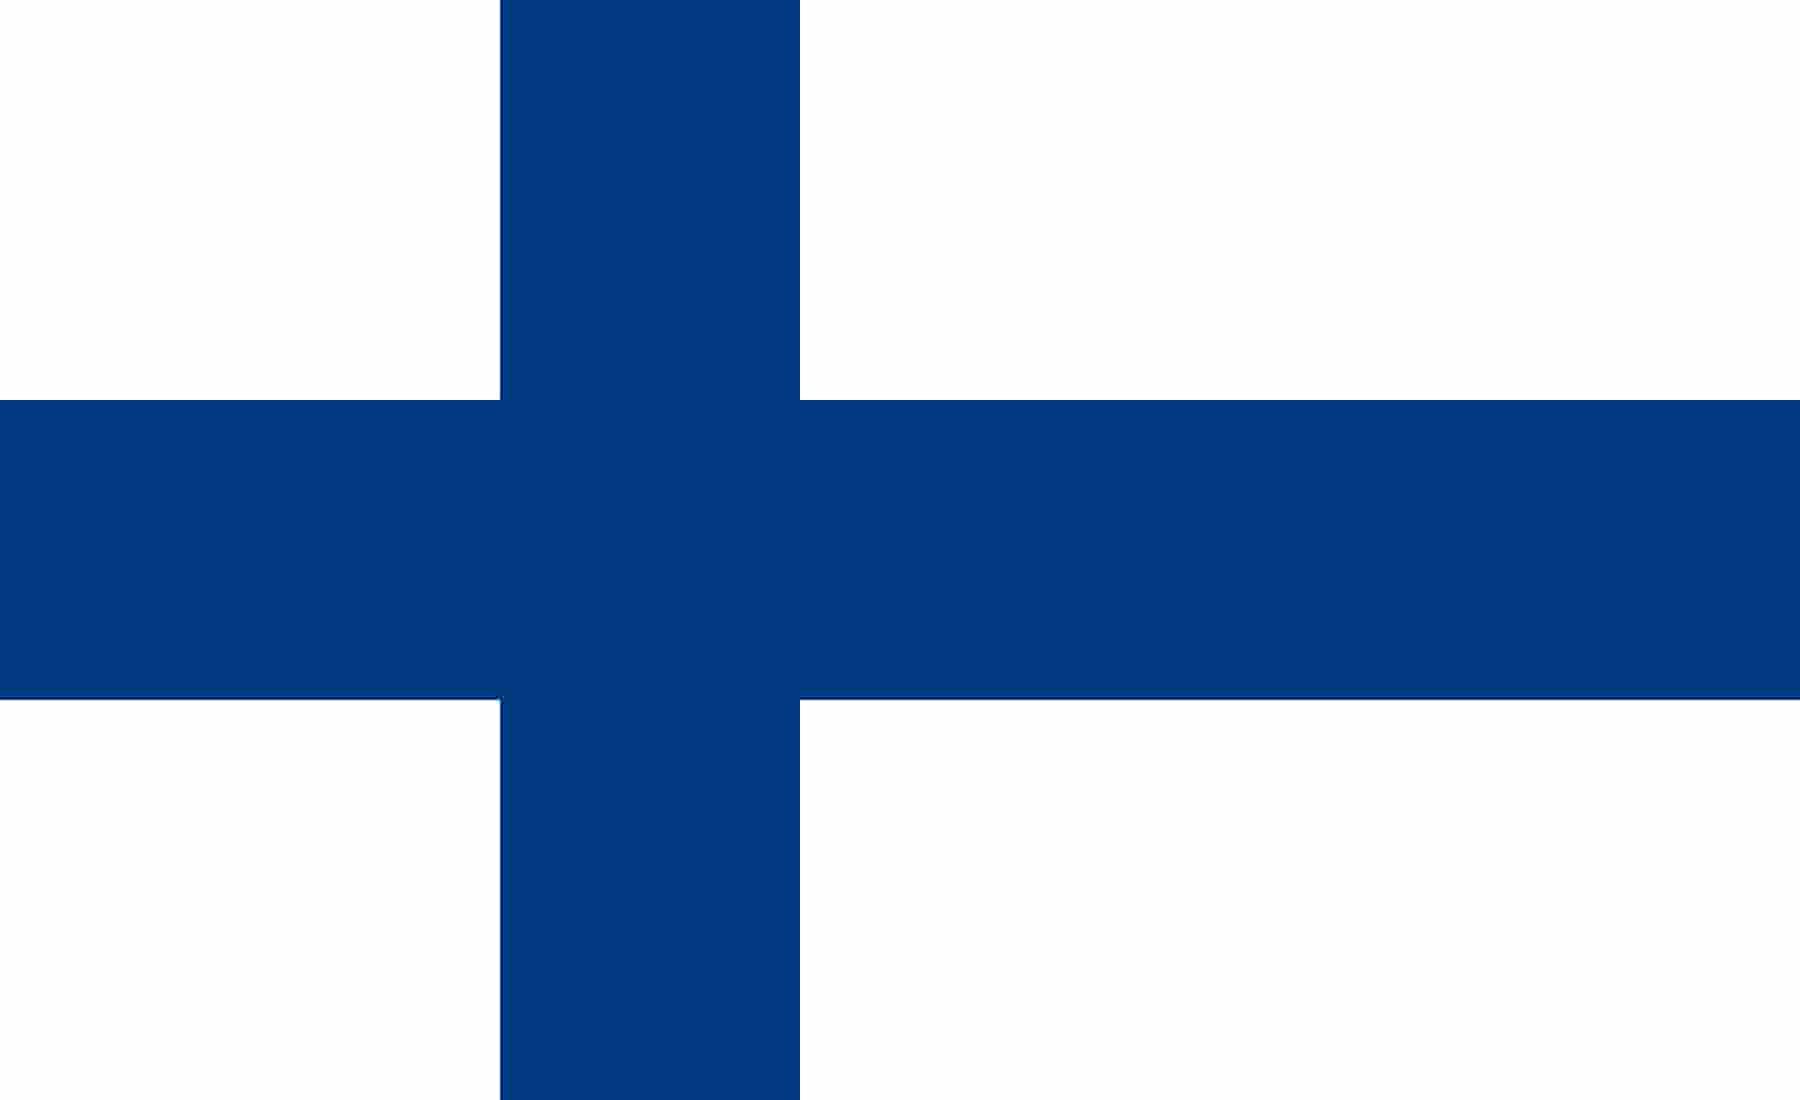 Drapeau du pays : Finlande